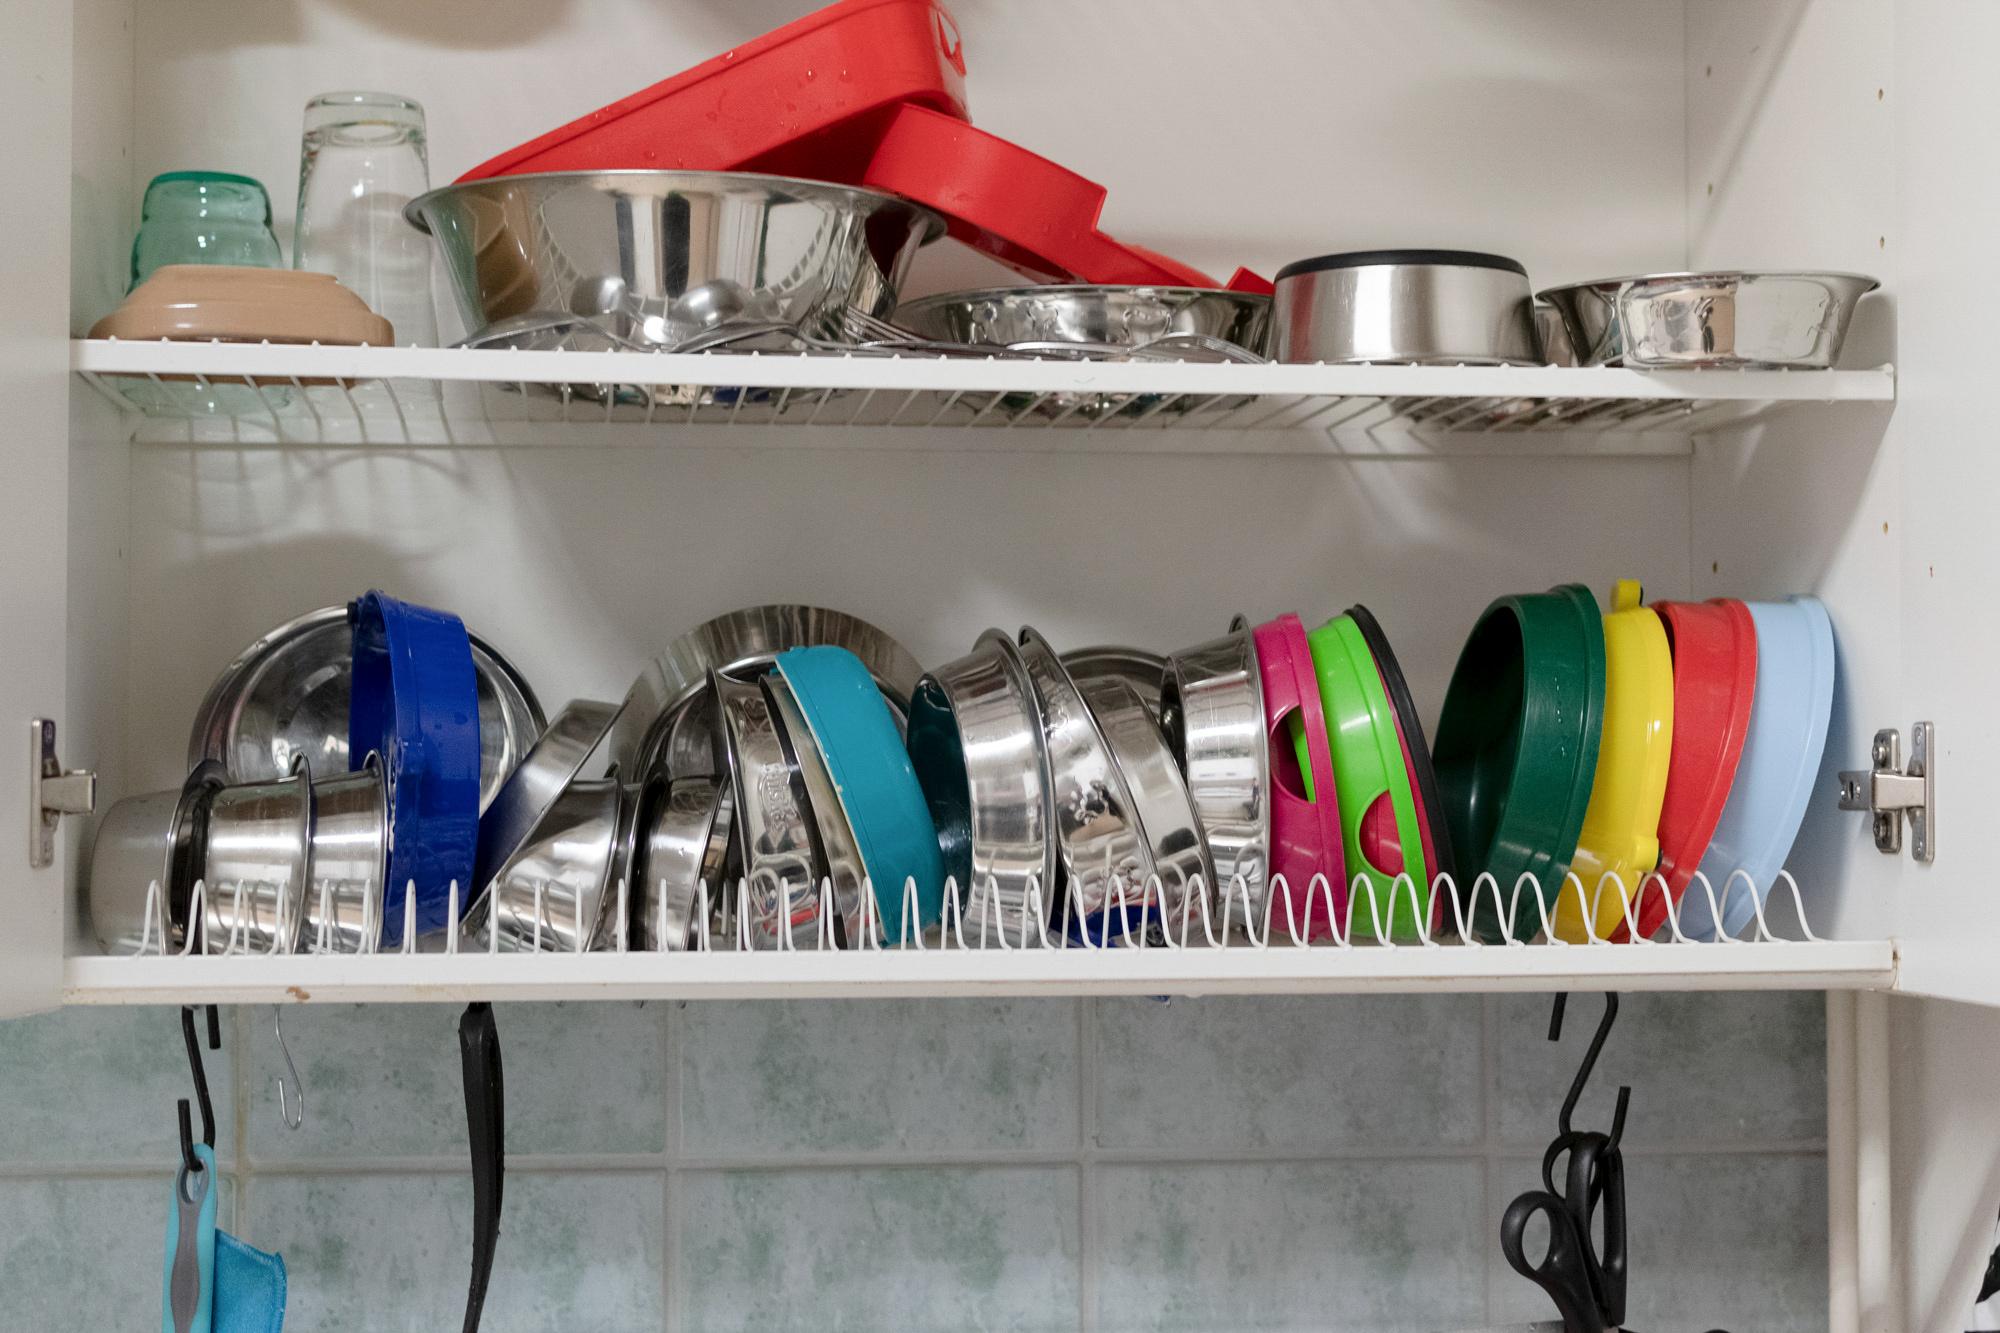 Tiskikaappi, jossa on astioita ja ruokakuppeja.